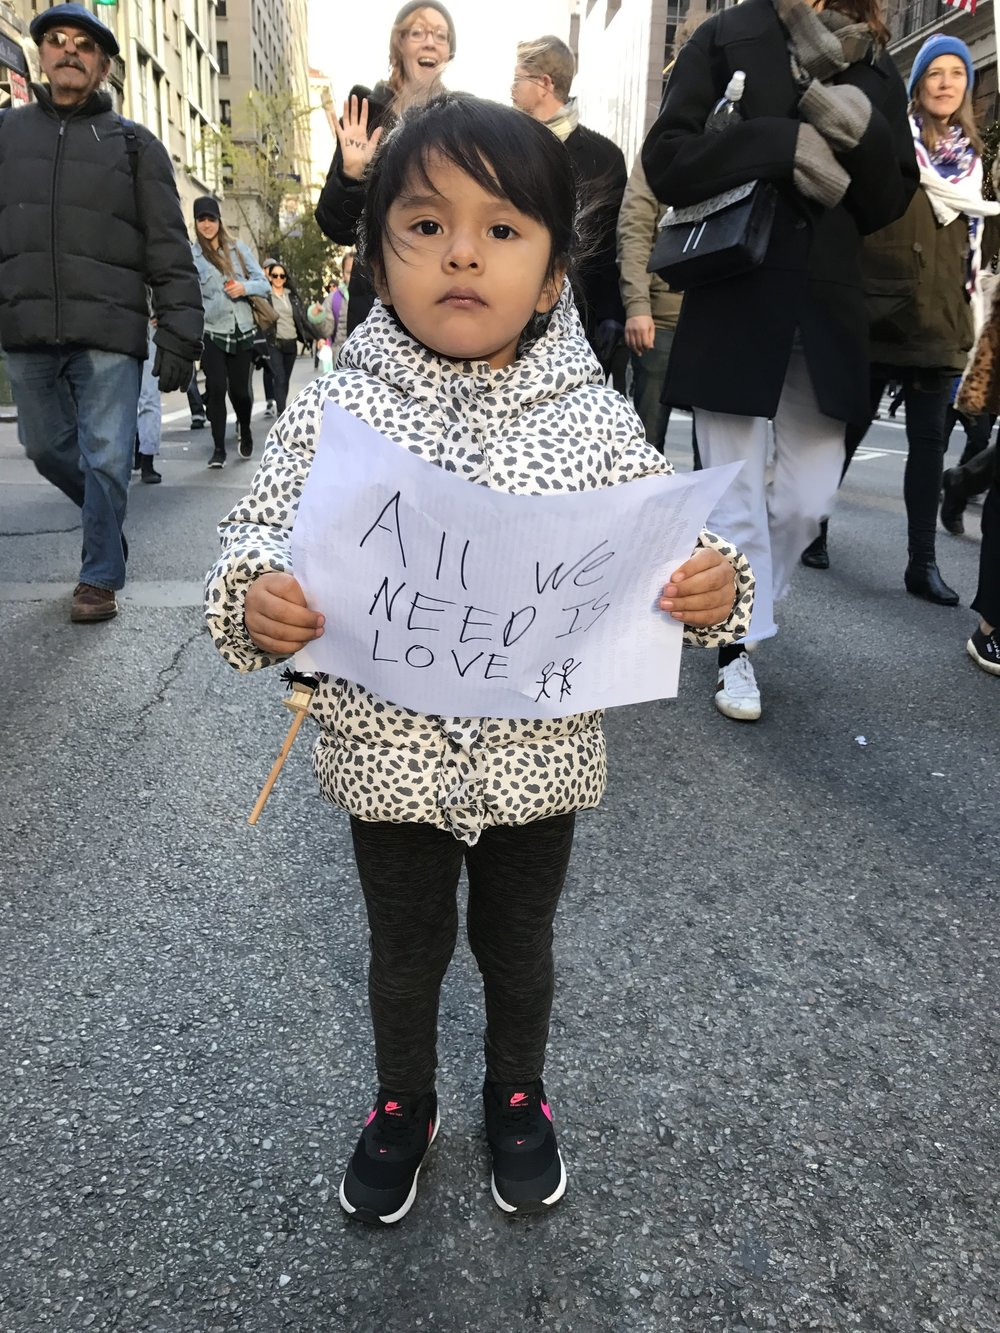 Photo by Deborah Adamy/NYC March, November 2016